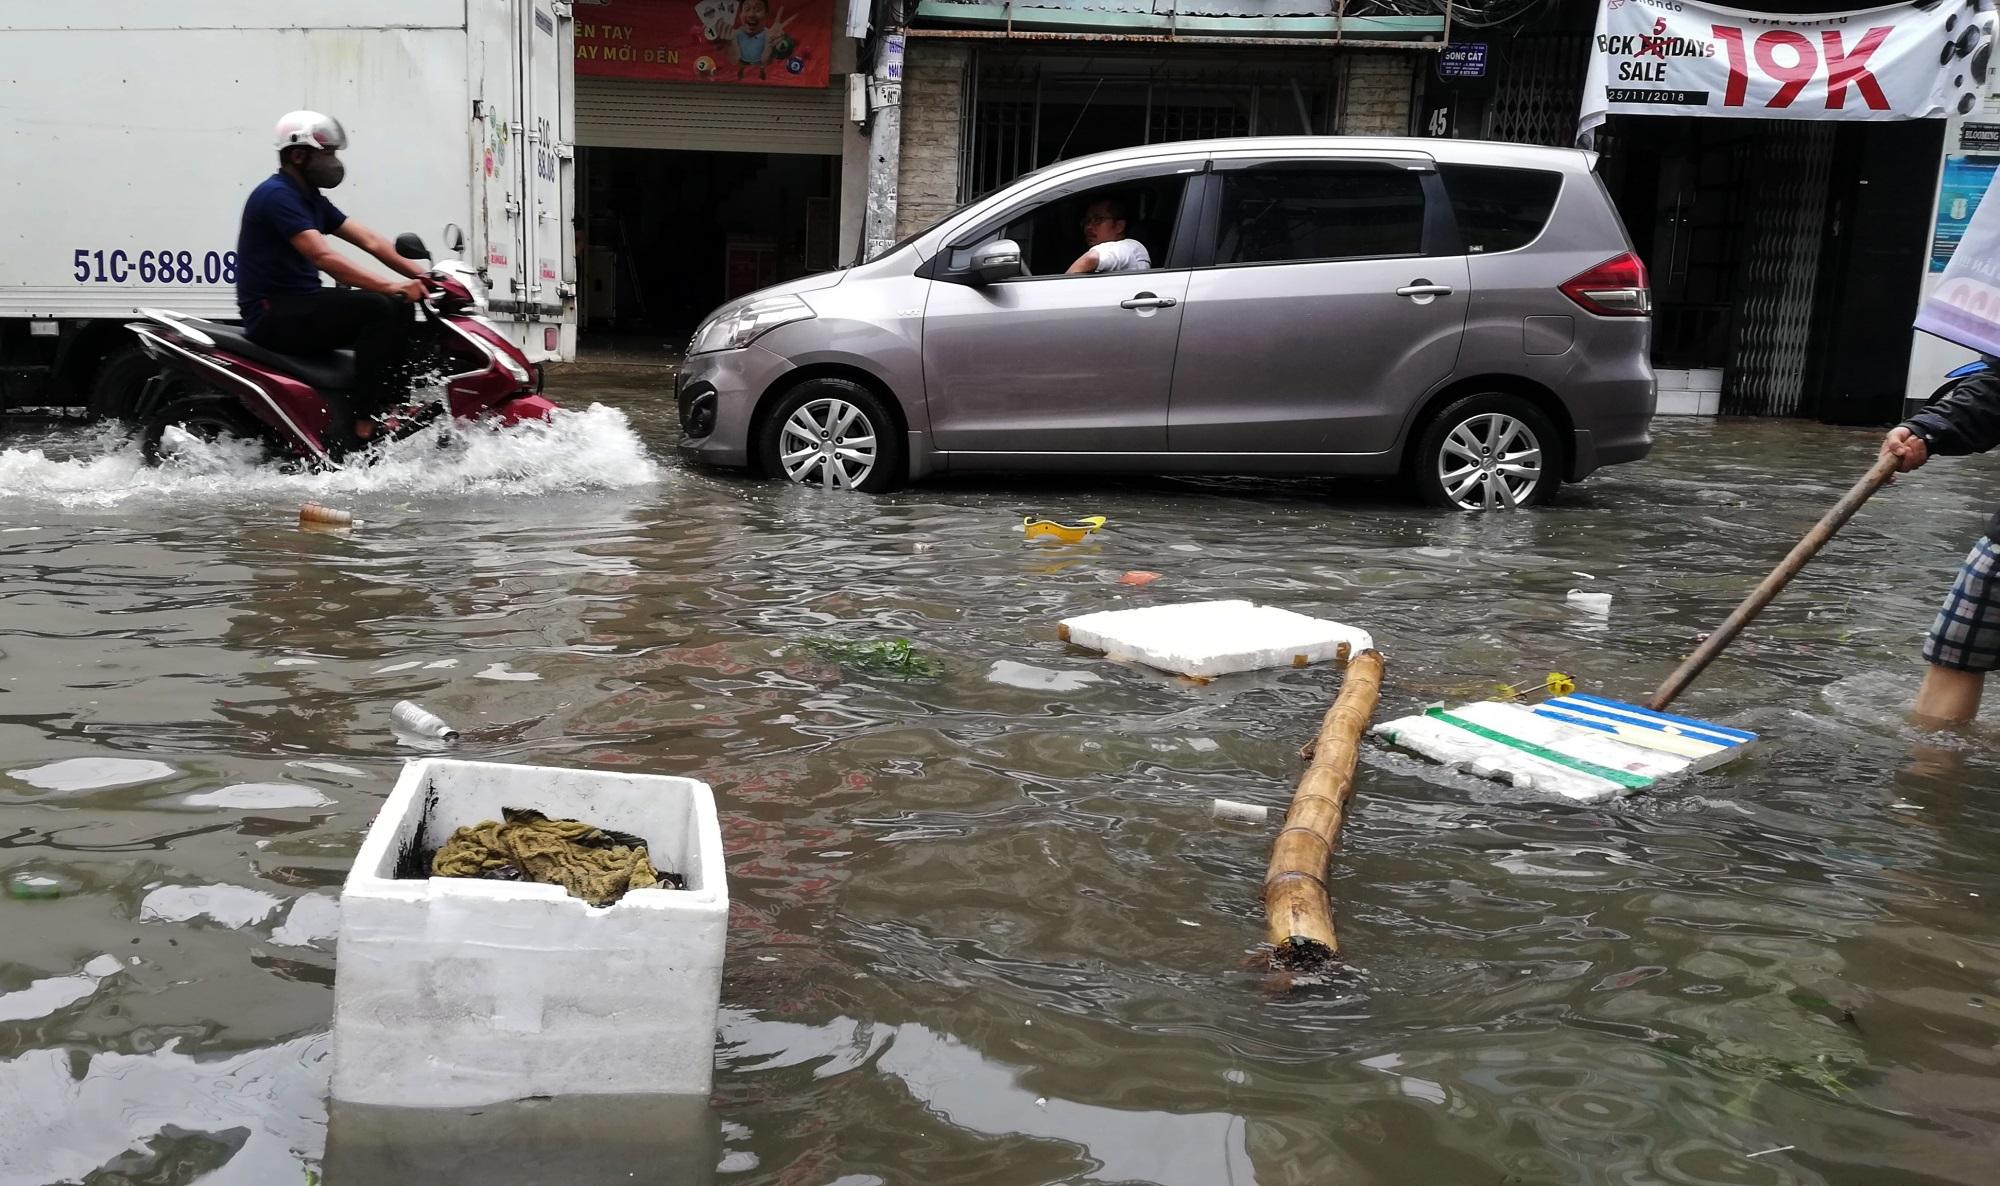 Sau một đêm tơi tả trong bão lịch sử, người Sài Gòn tiếp tục thở không ra hơi vì ngập nước kẹt xe nhiều giờ - Ảnh 15